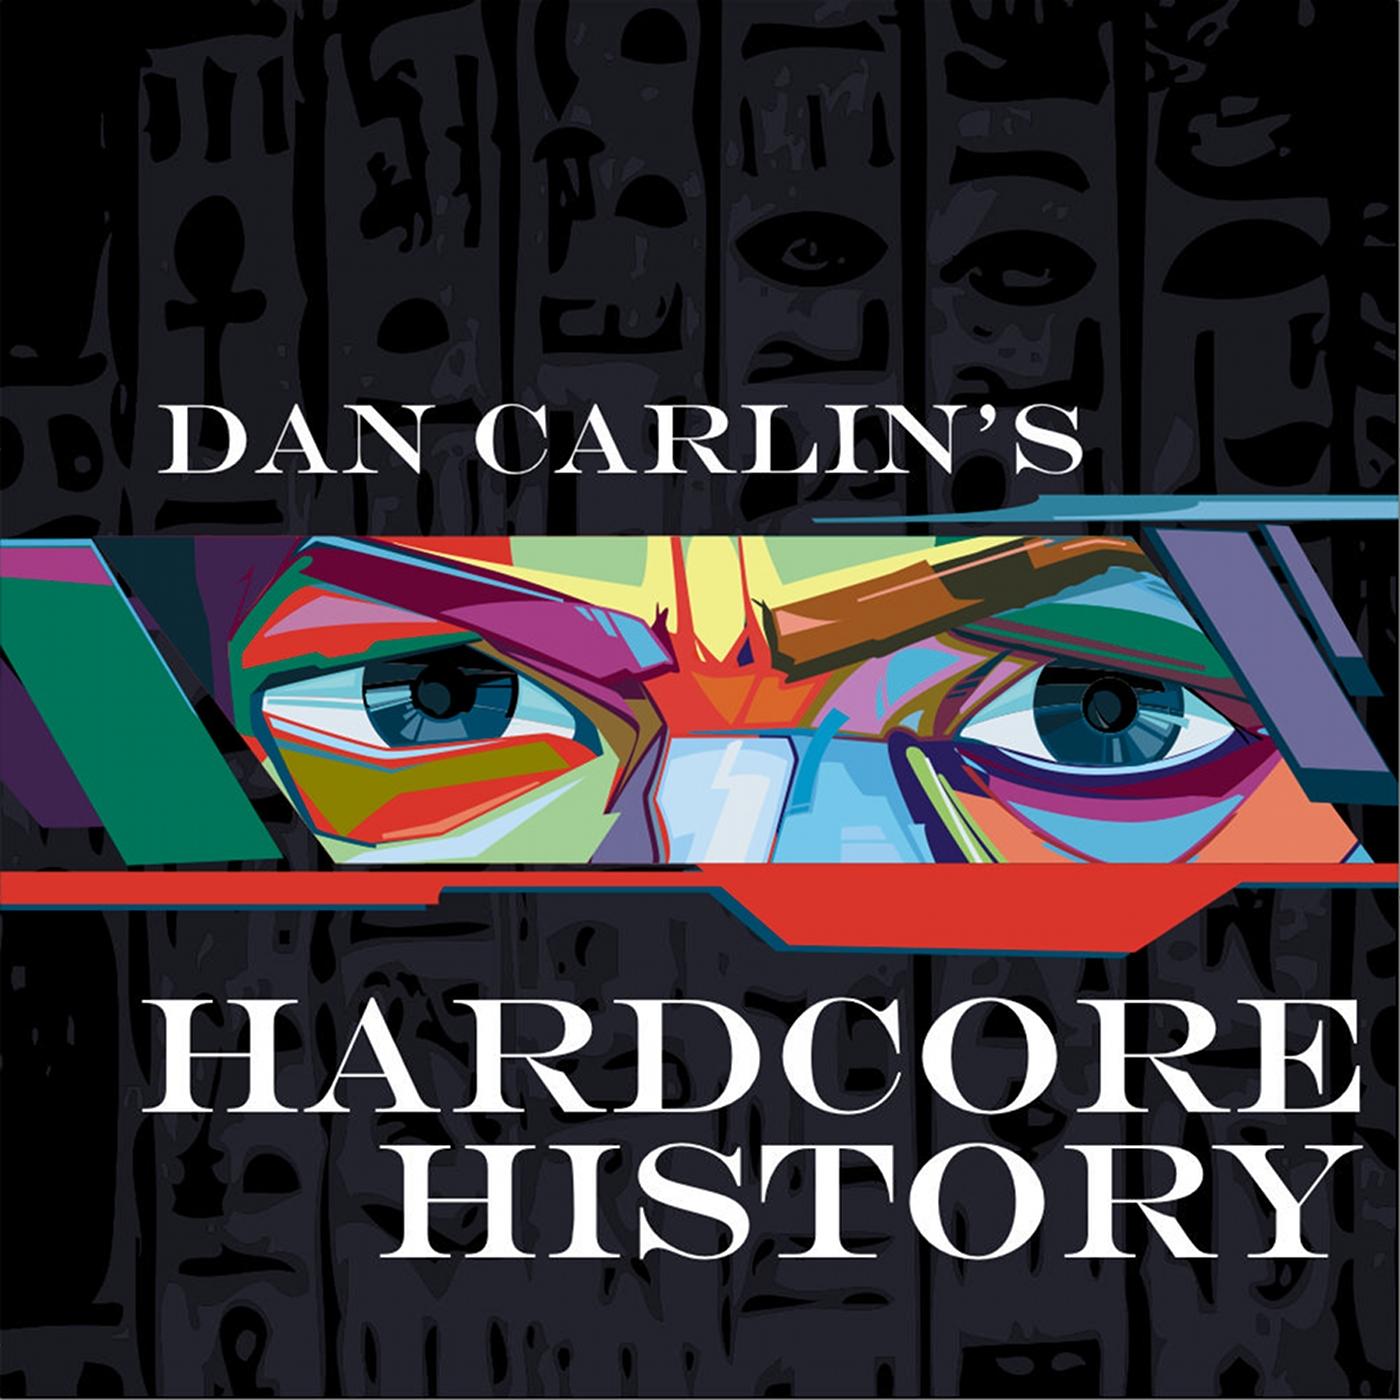 Dan Carlin's Hardcore History show art